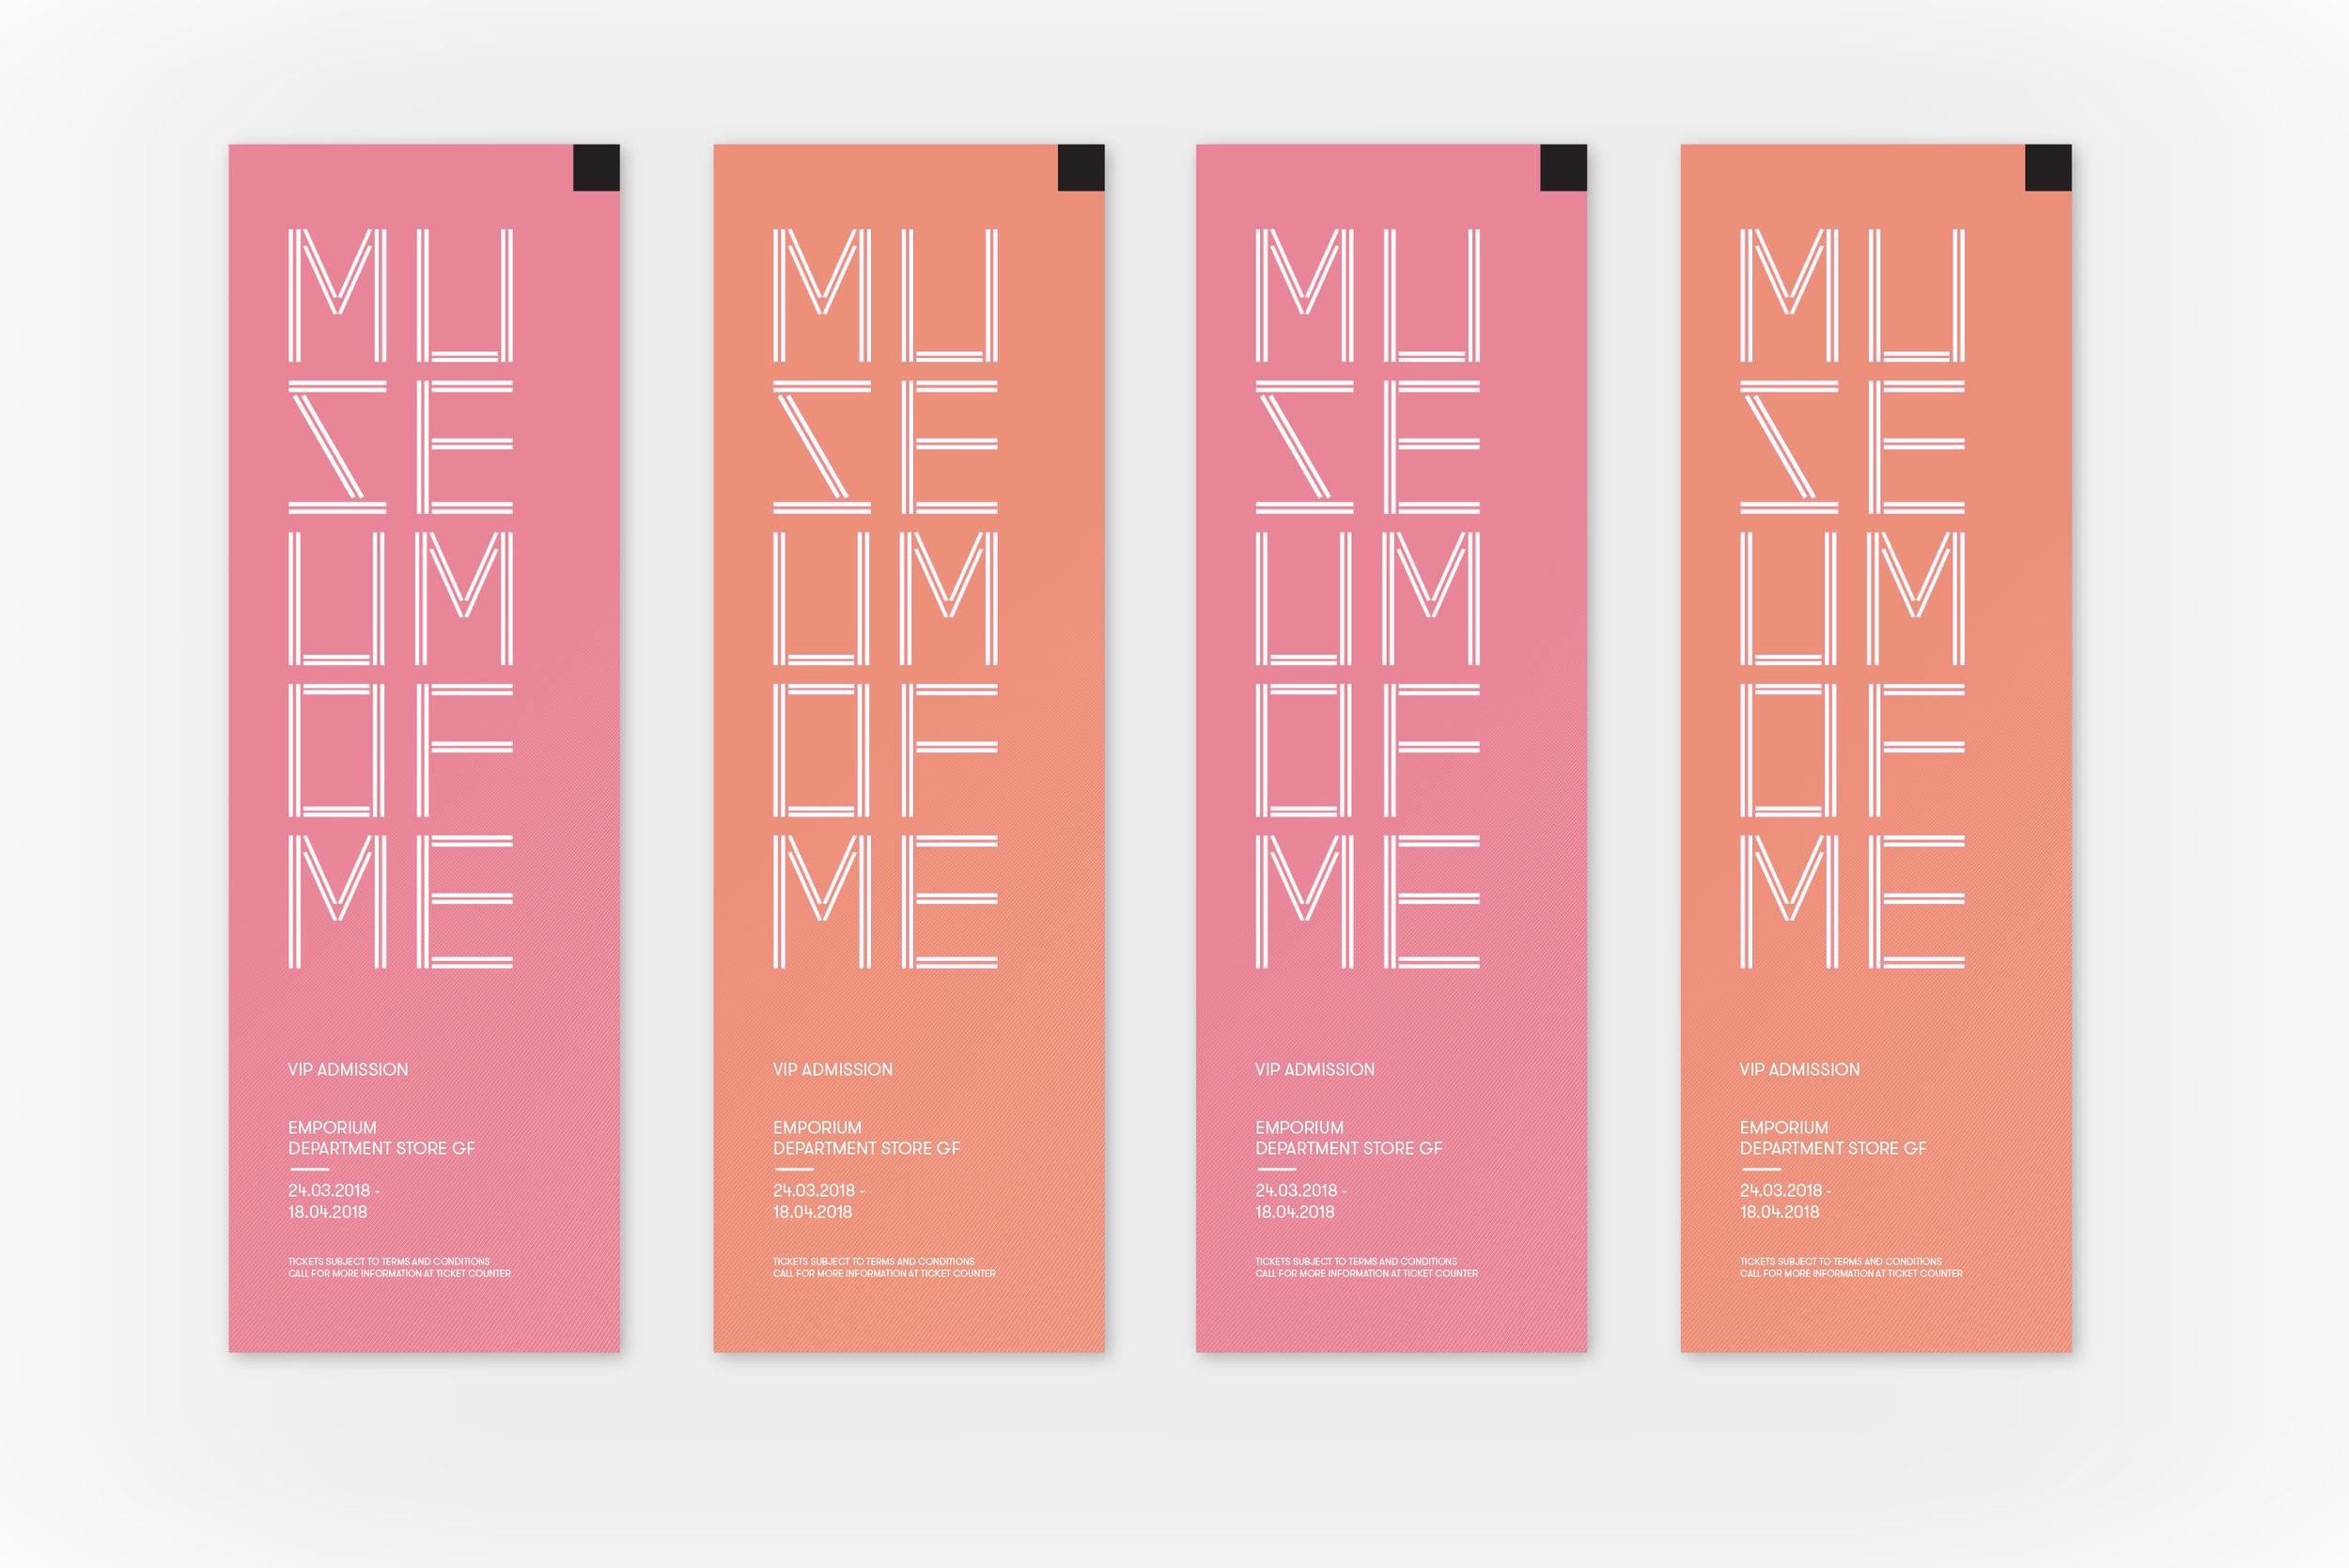 Museum of ME, The Emporium